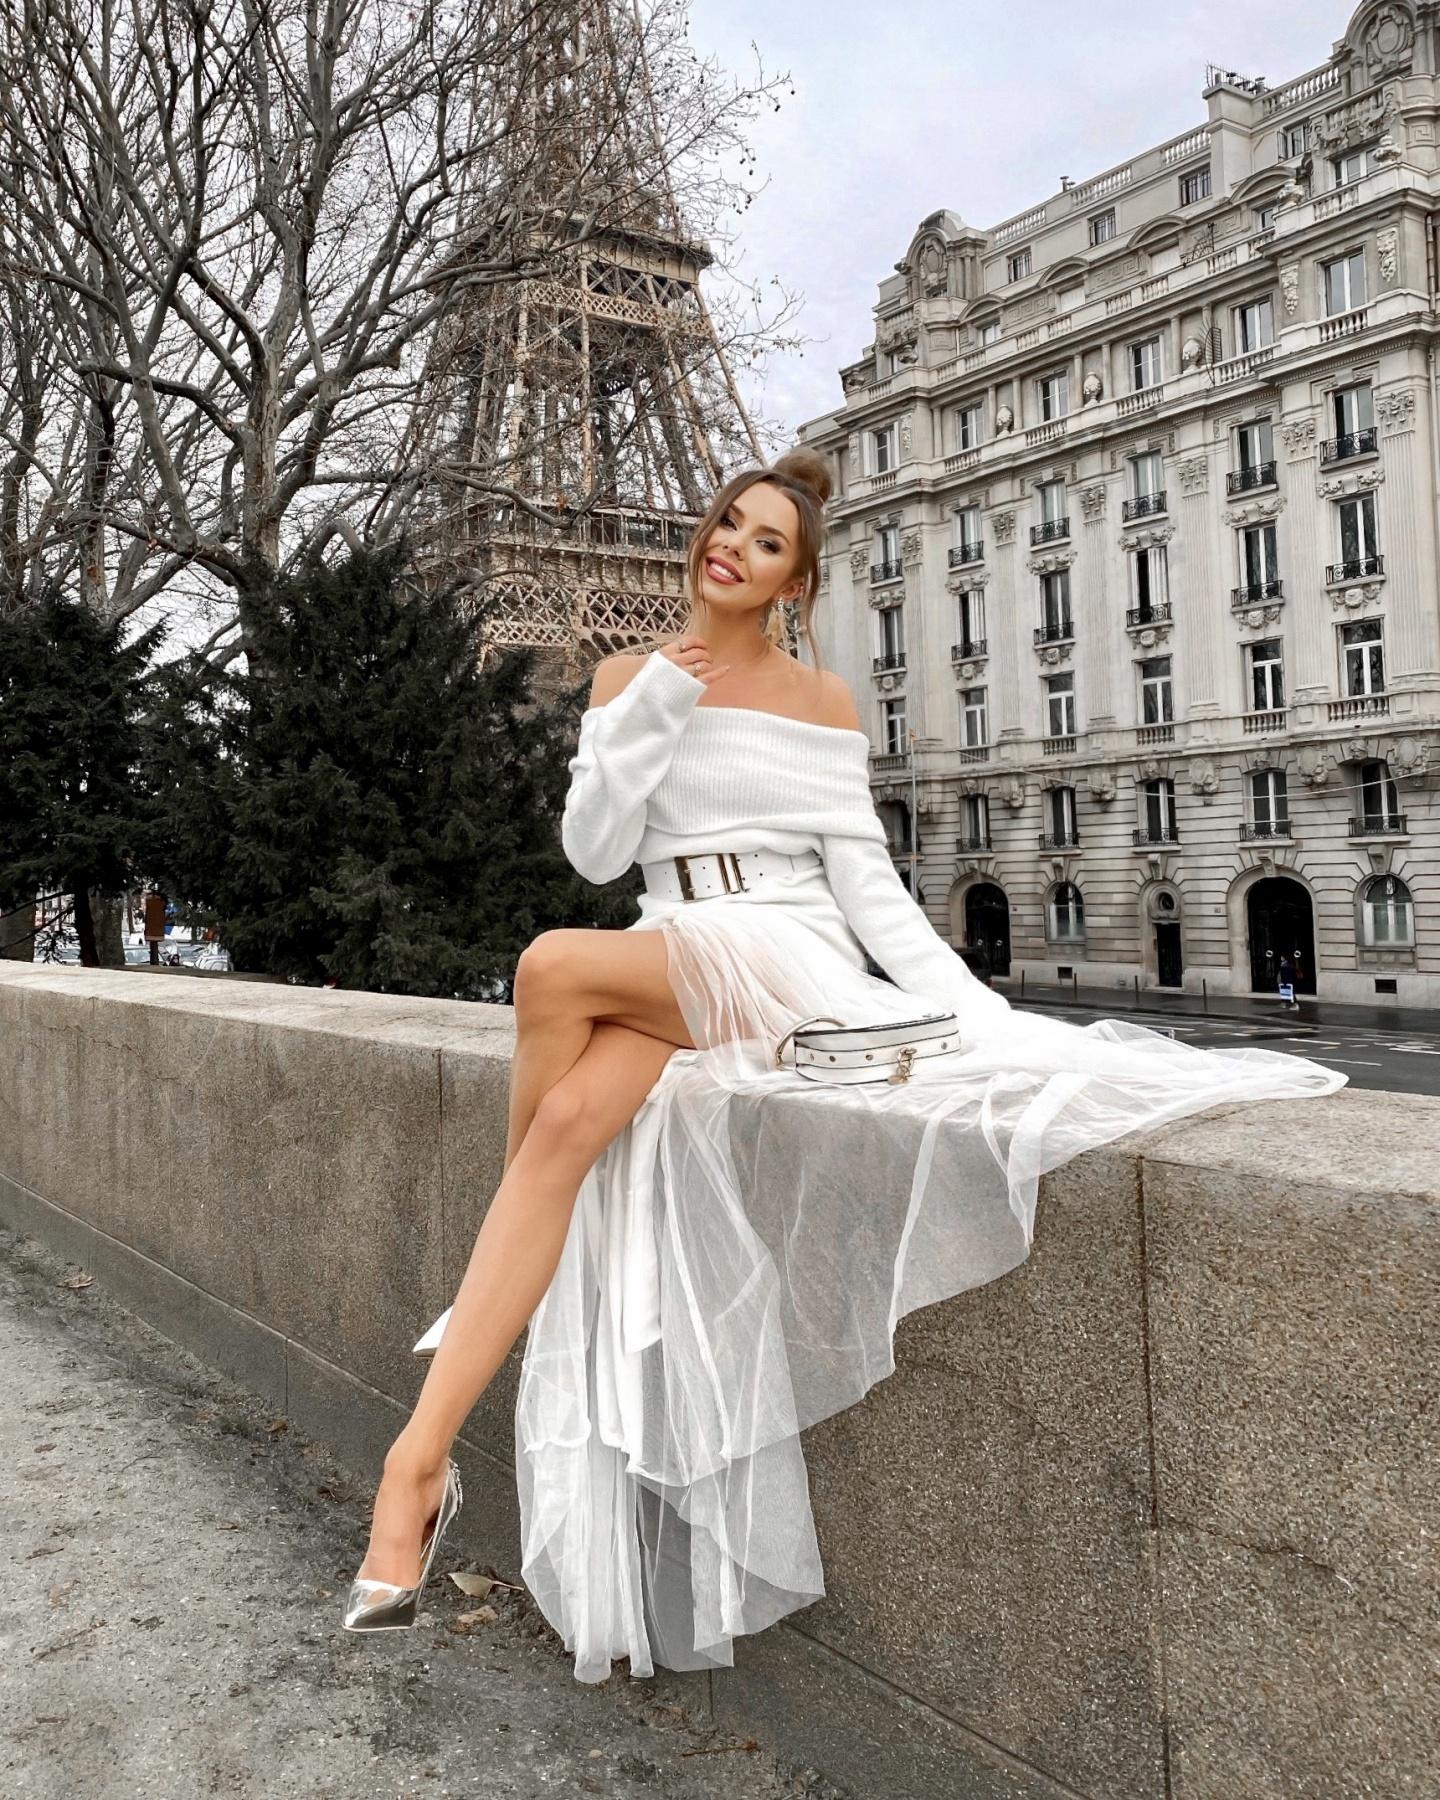 hotel, paris, hotel flannelles paris, travel, paris outfits, what to wear in paris